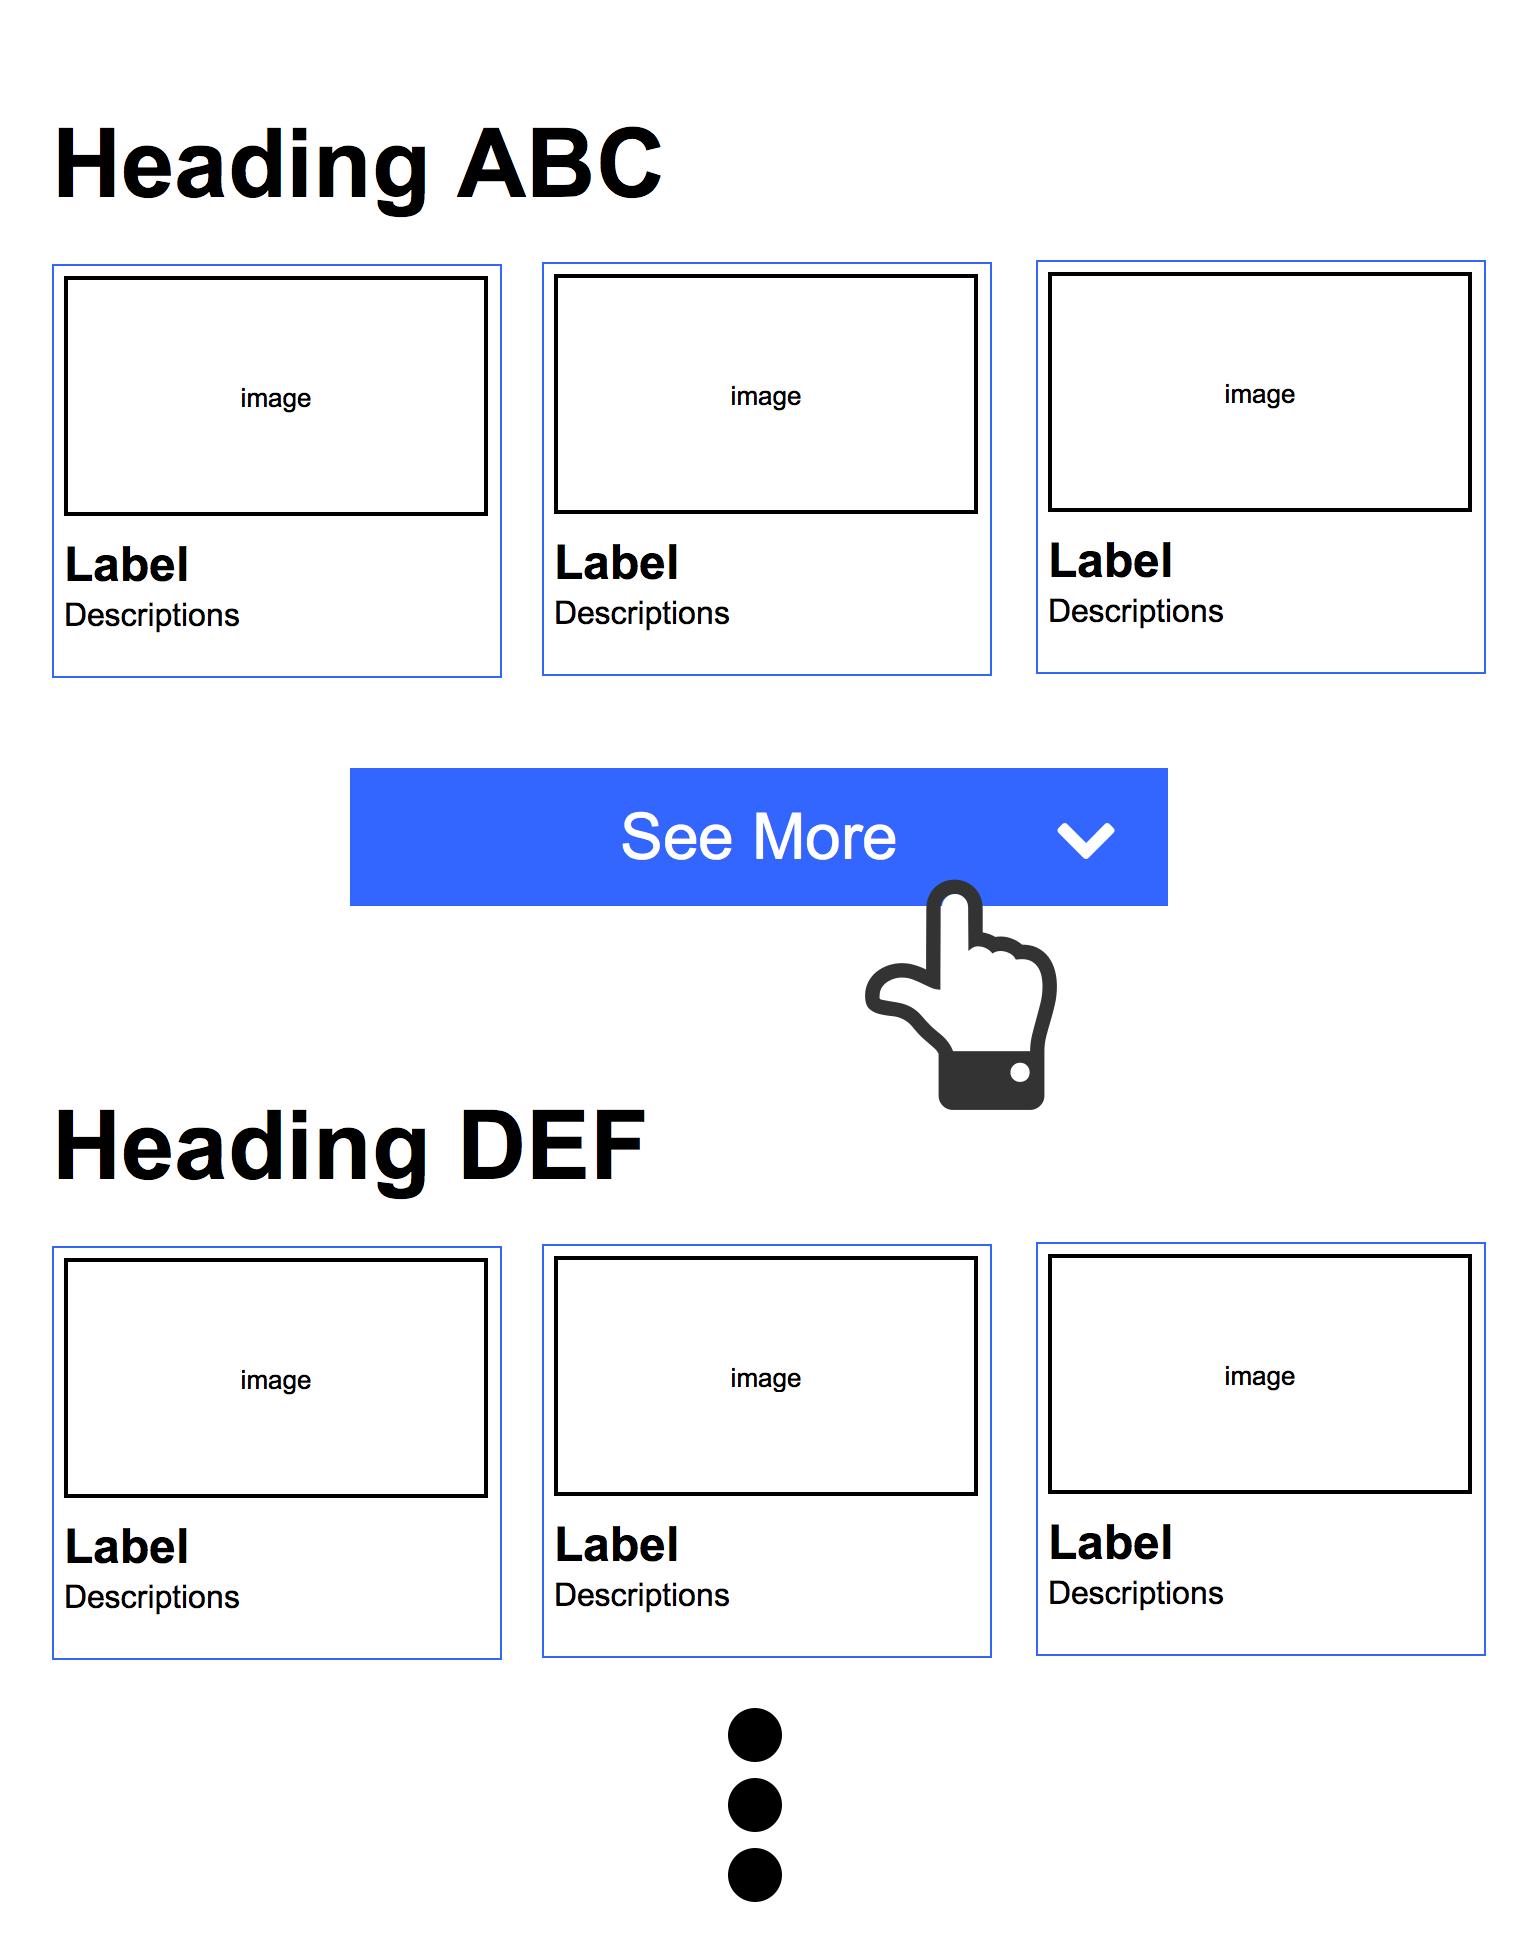 「もっと見る」ボタンによるインレイ表示の例 (ボタン押下前)